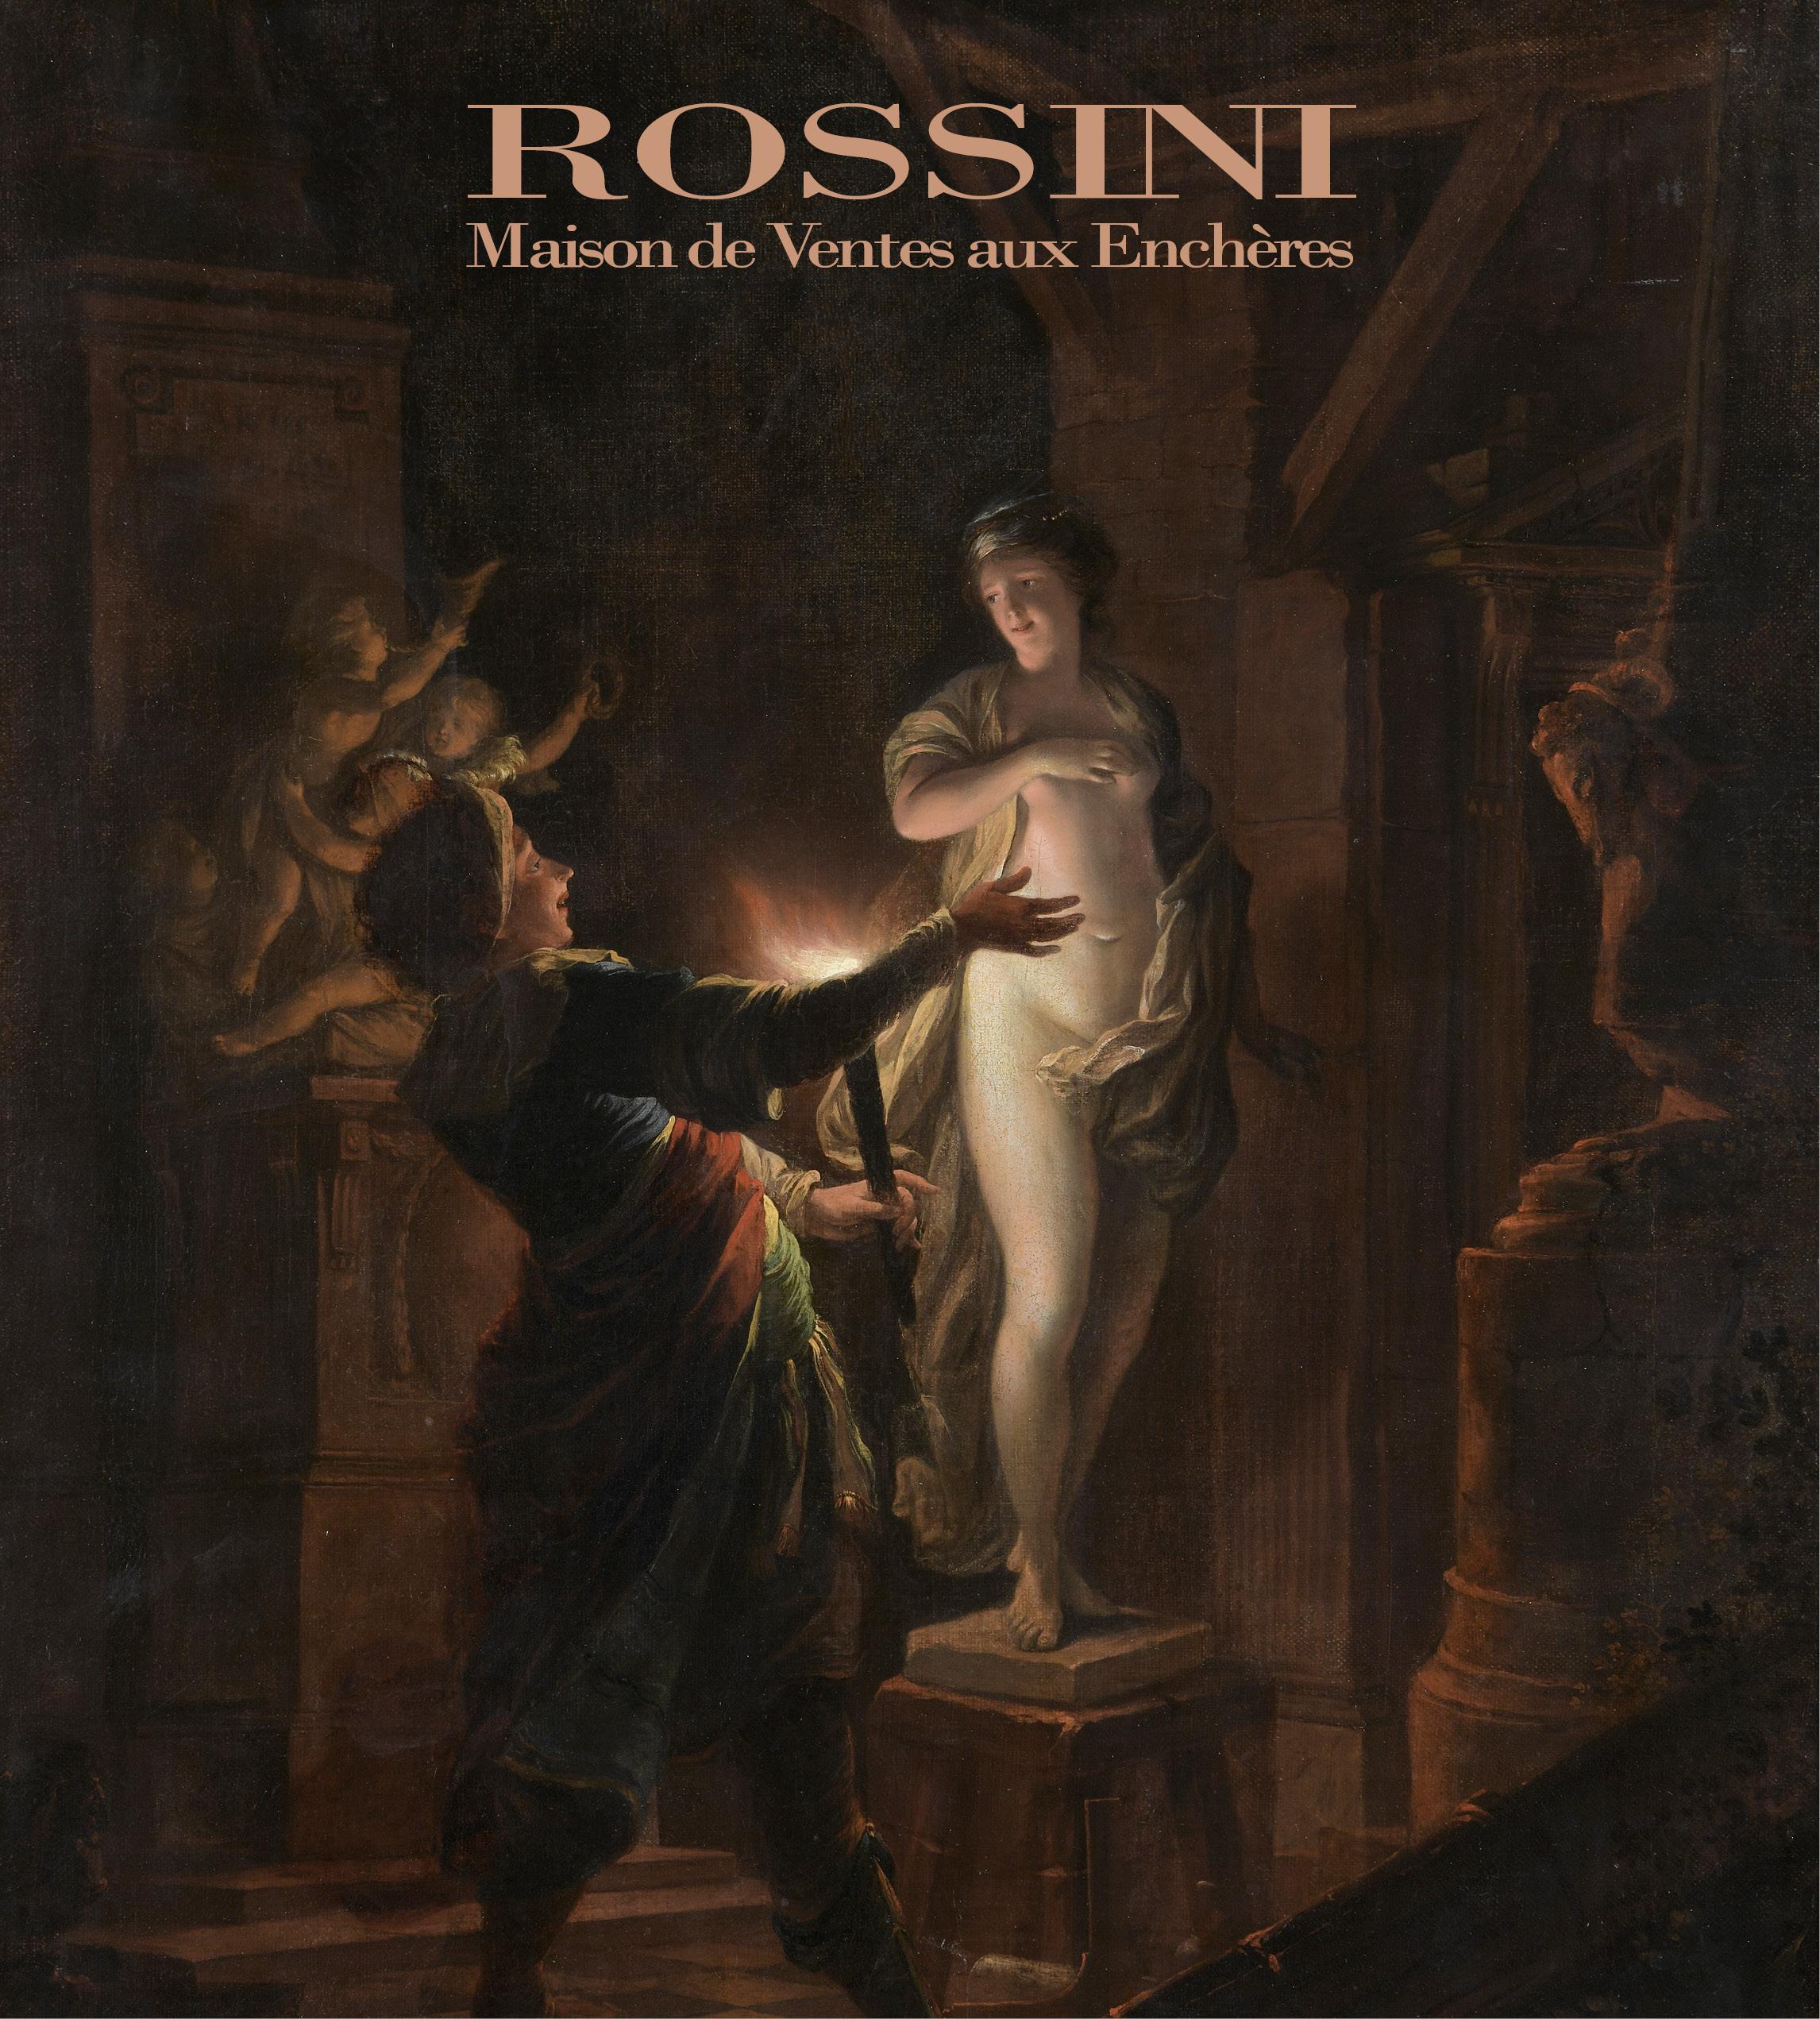 Auction Tableaux Anciens, Civilisations, Mobilier & Objets d'Art  at Rossini : 296 lots